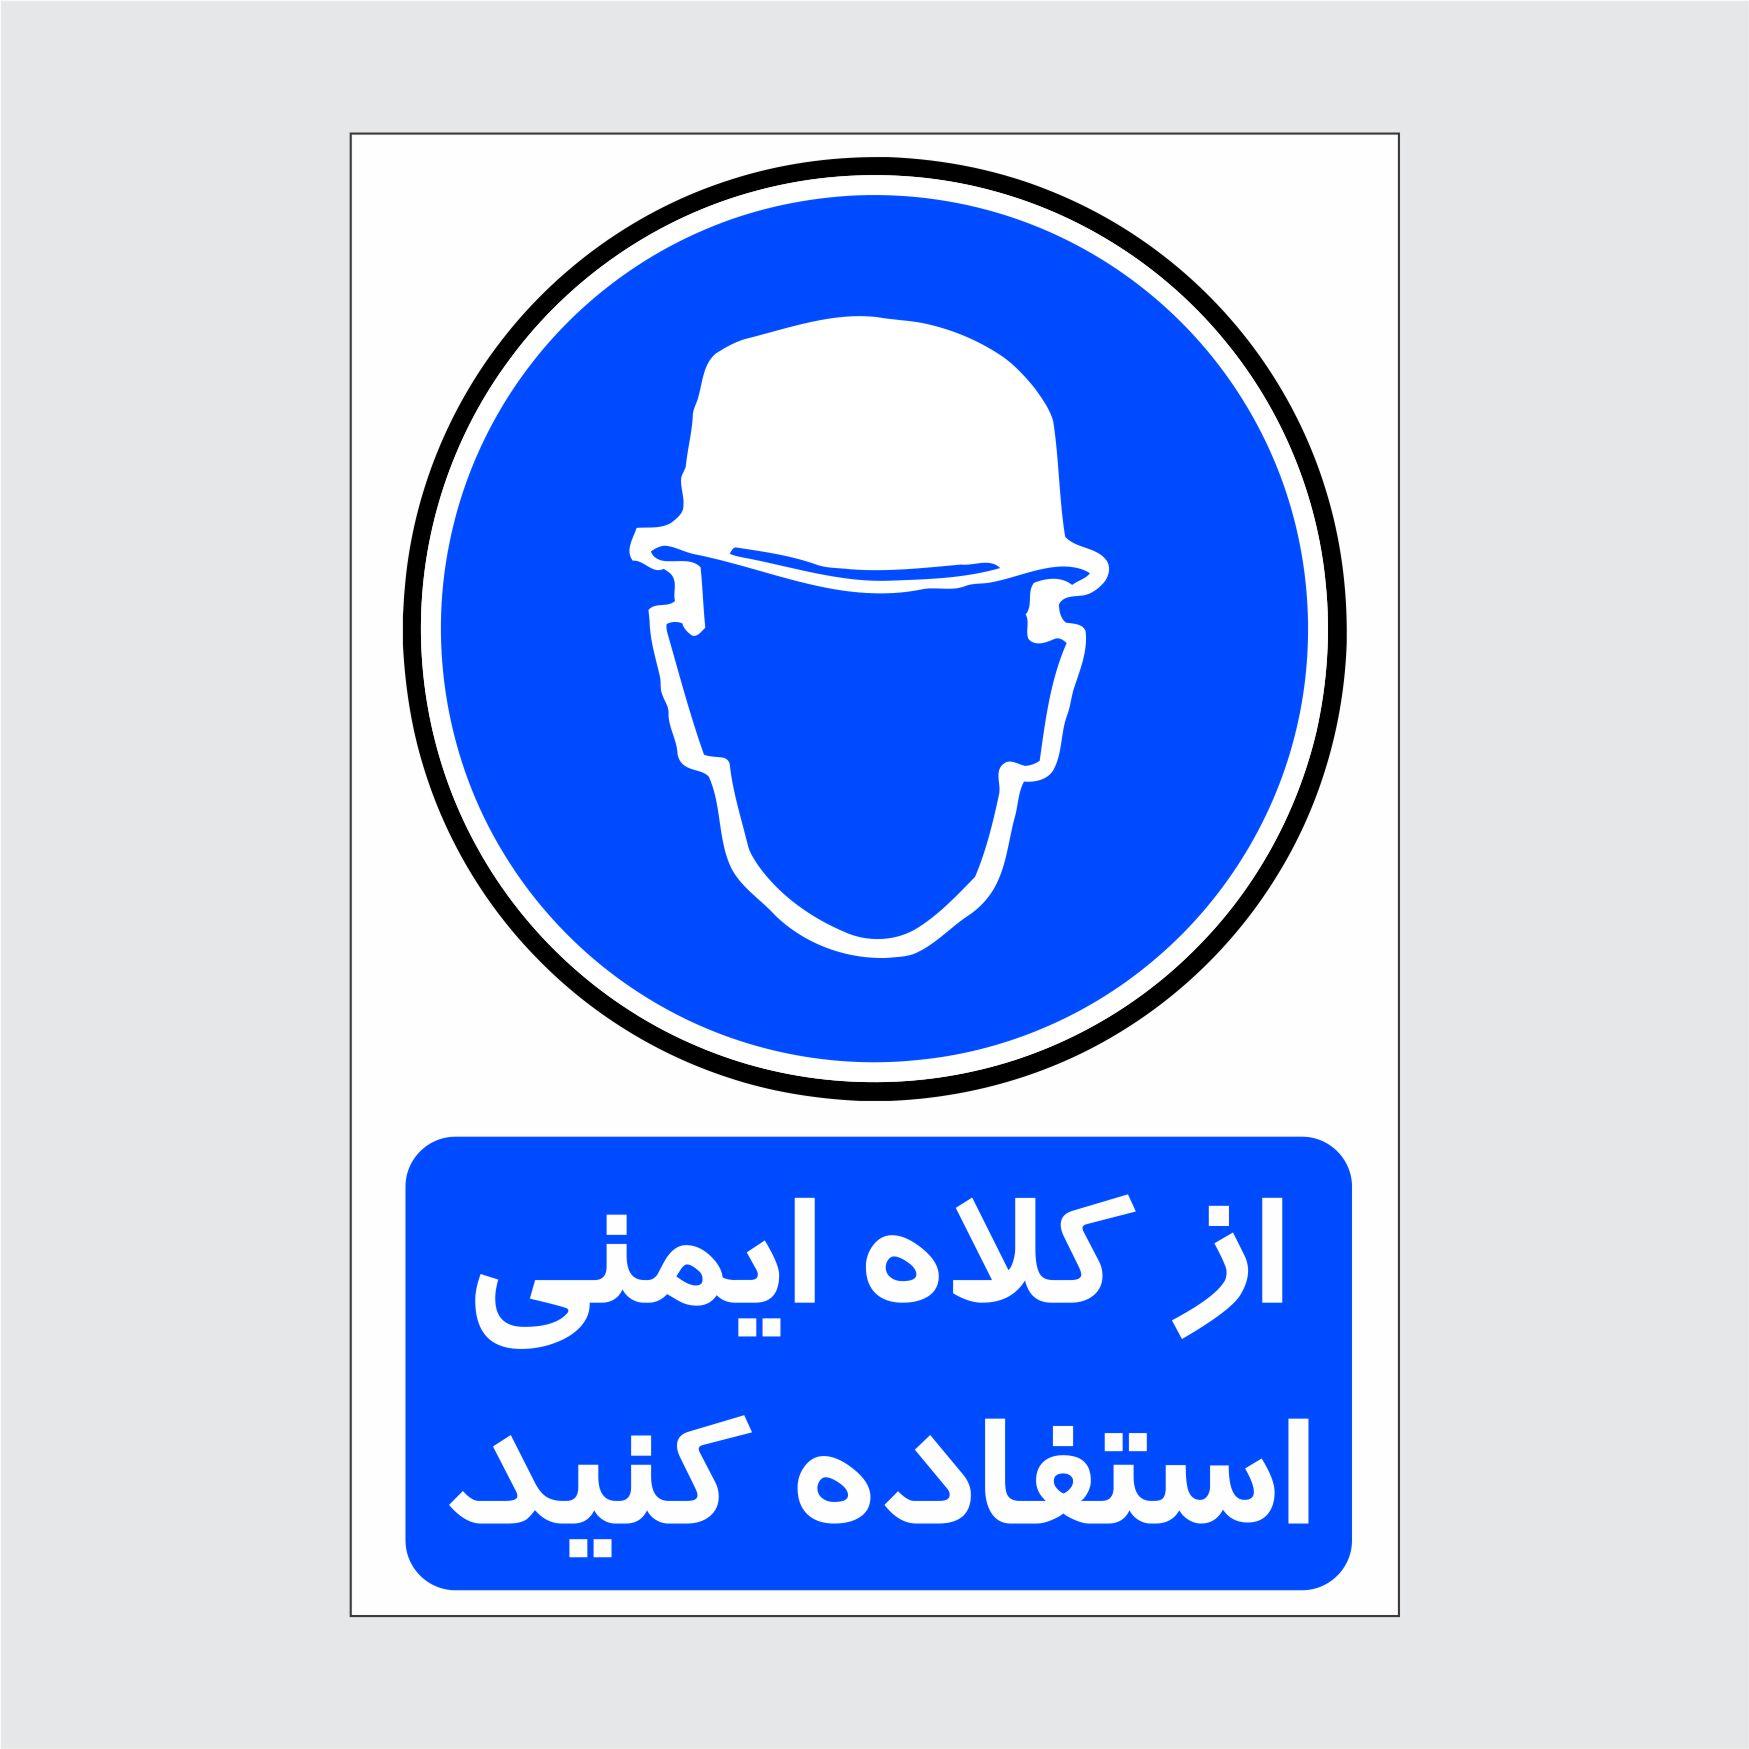 برچسب ایمنی طرح از کلاه ایمنی استفاده کنید